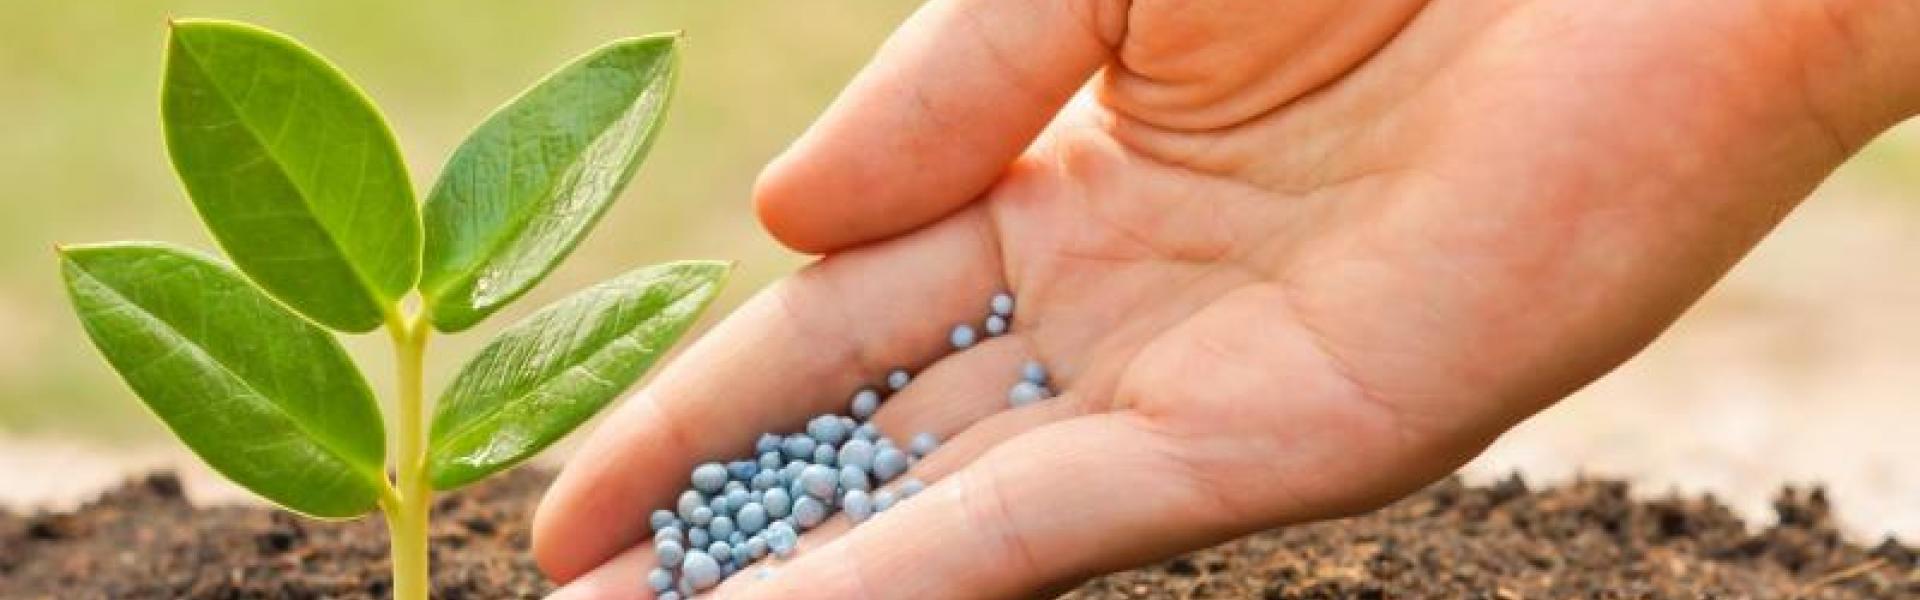 Análise de Fertilizantes